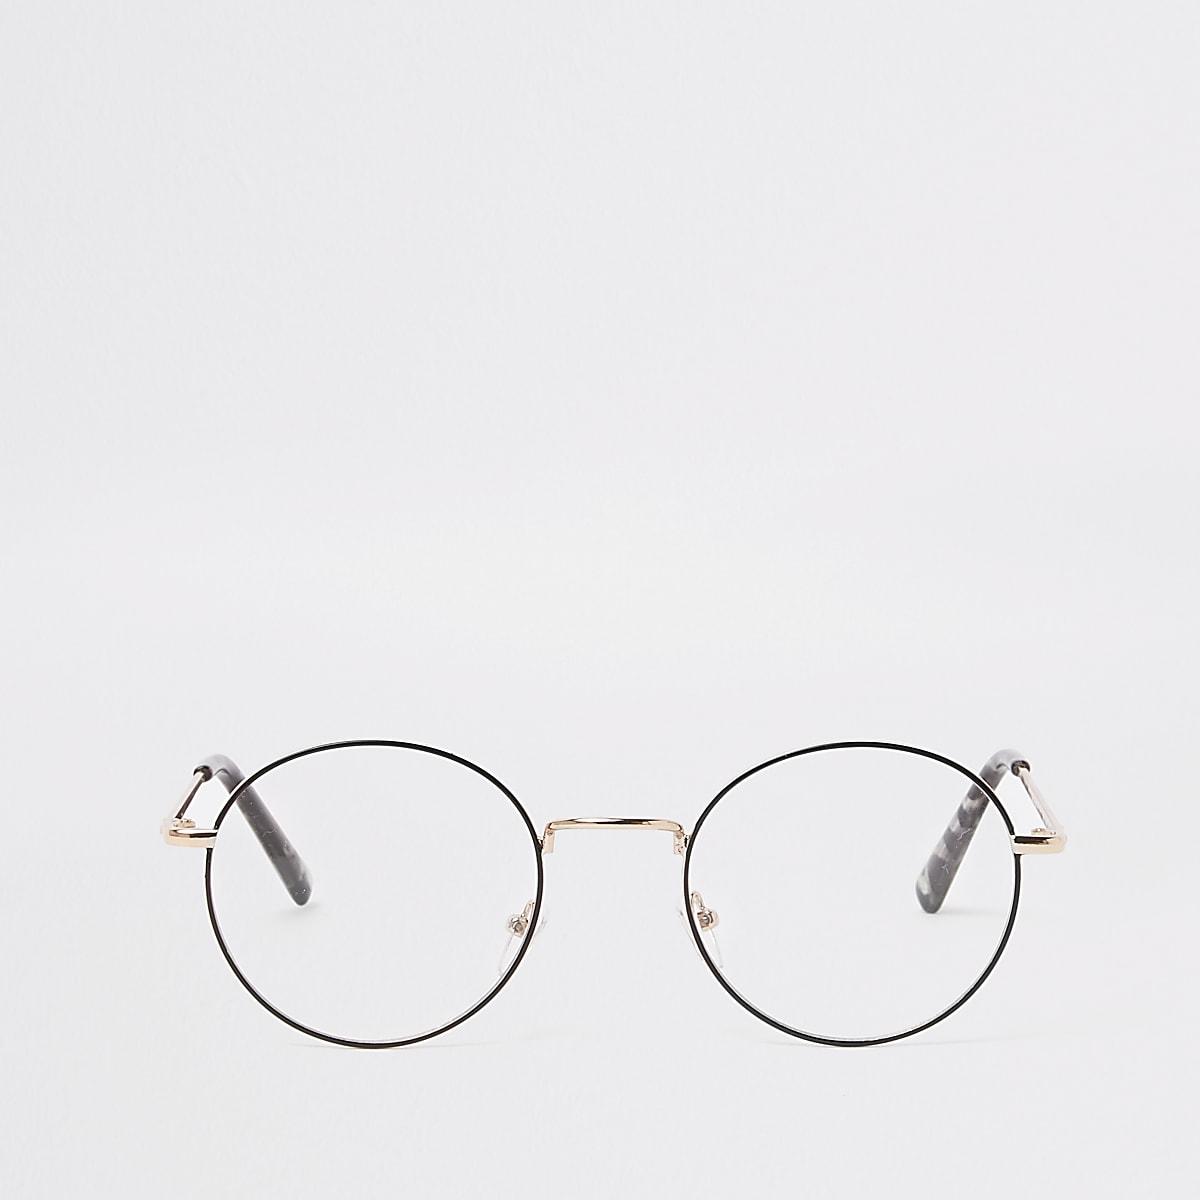 Goldfarbene, runde Brille